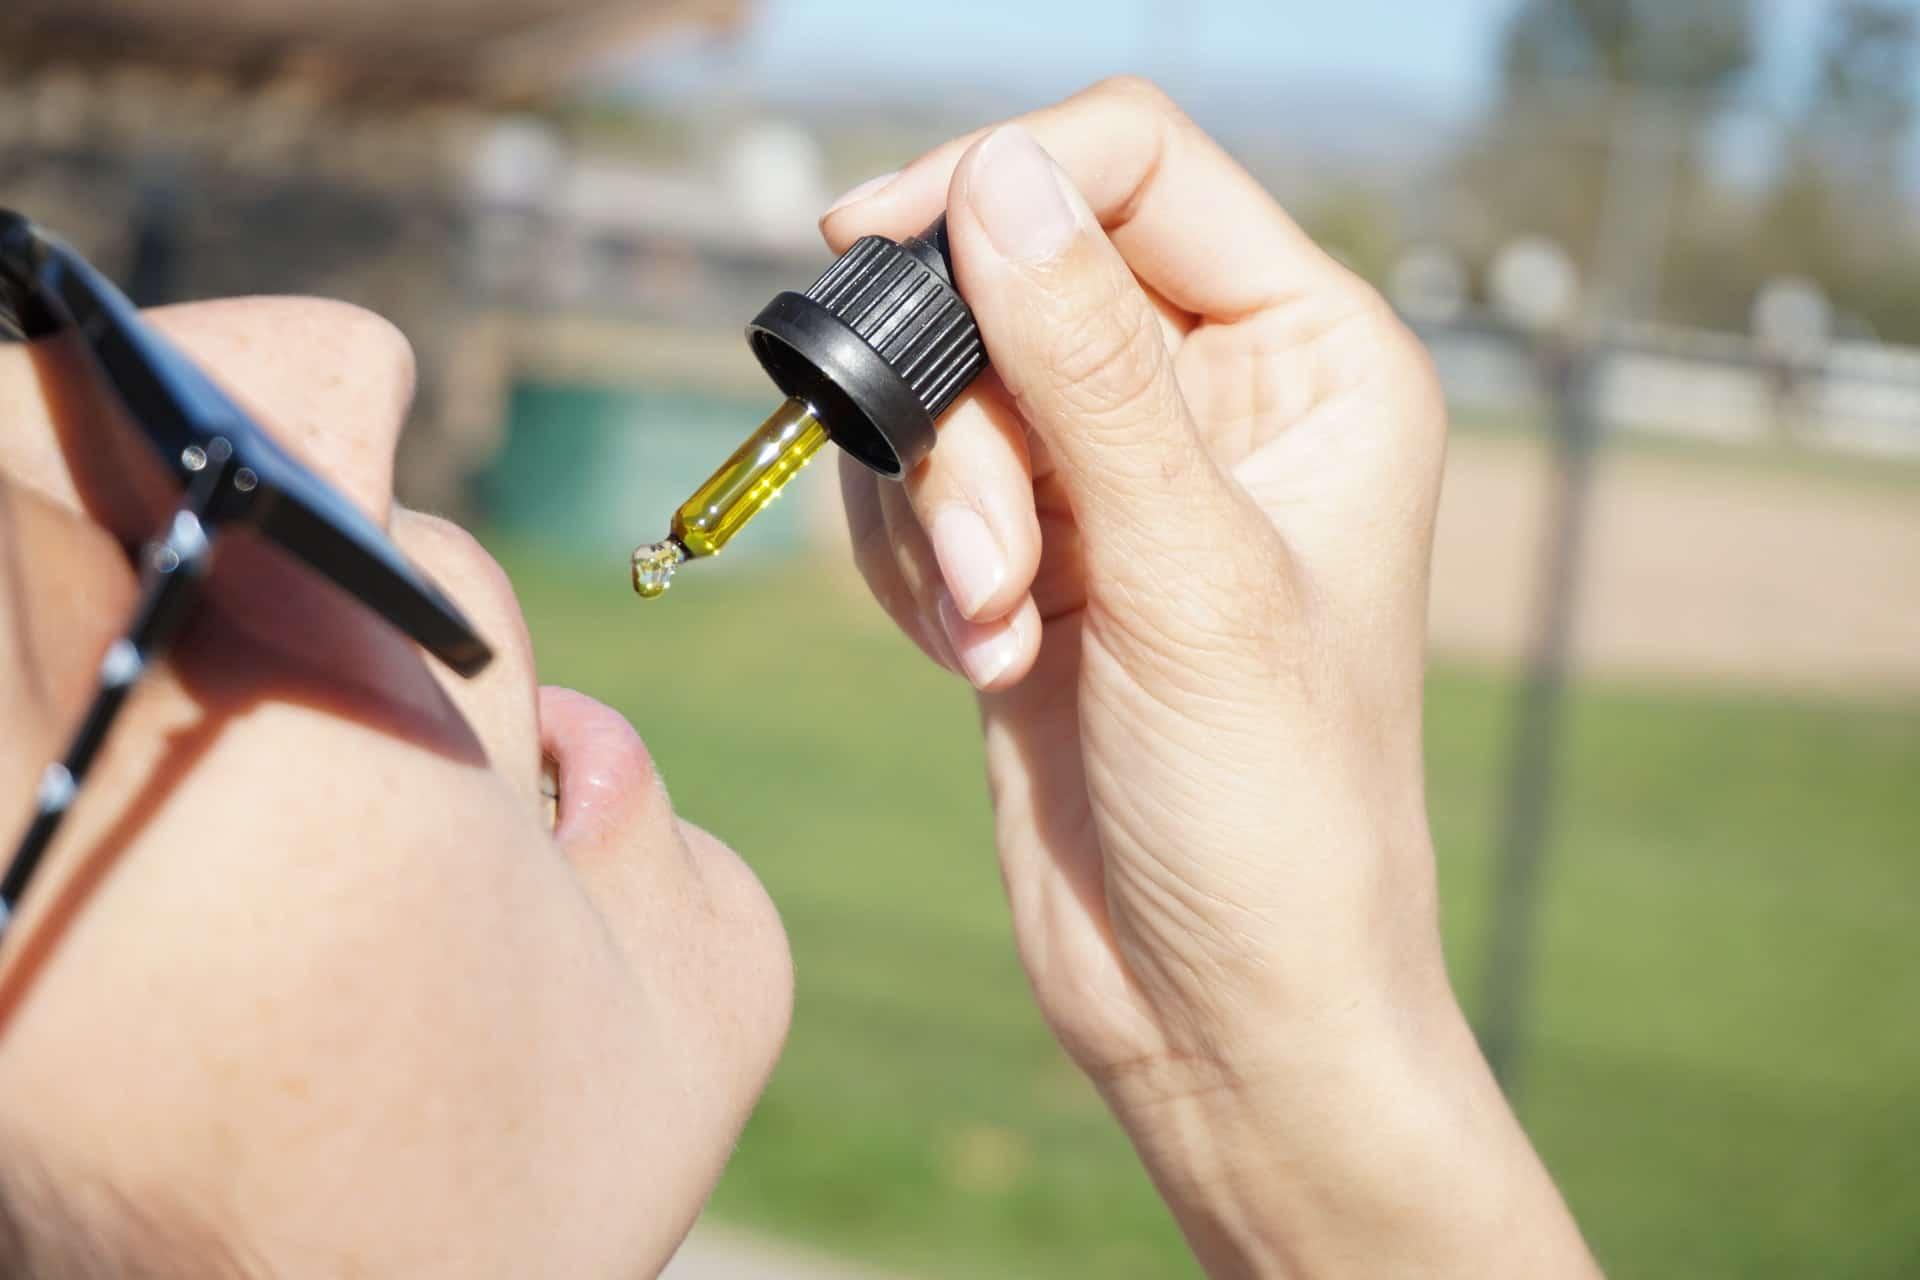 Nación Cannabis | ¿El CBD puede ser un tratamiento contra el asma?